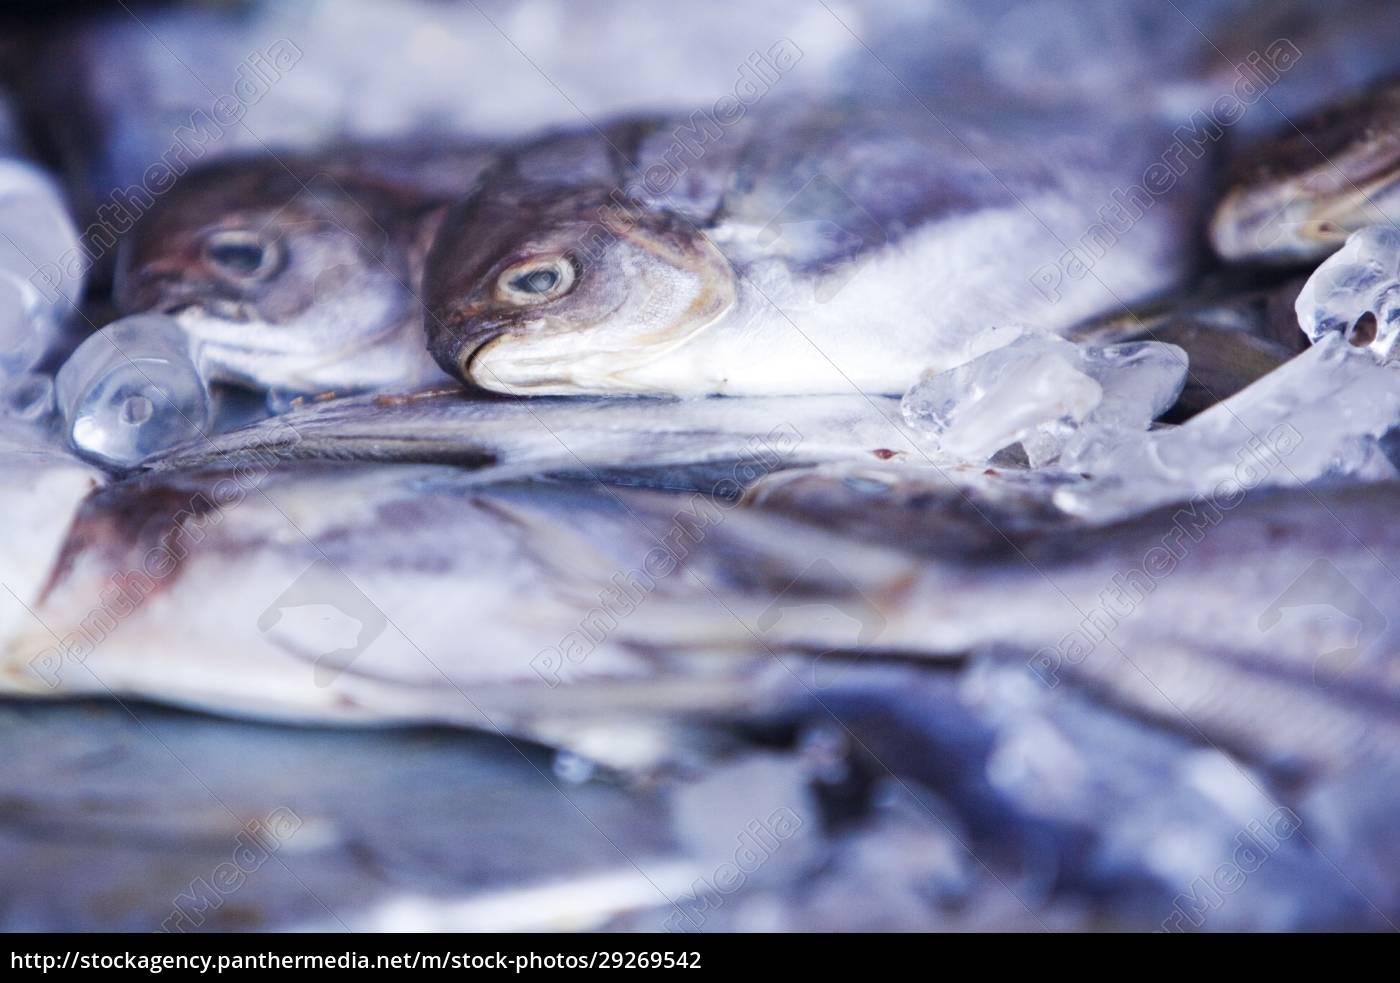 nærbillede, af, en, bunke, døde, fisk - 29269542